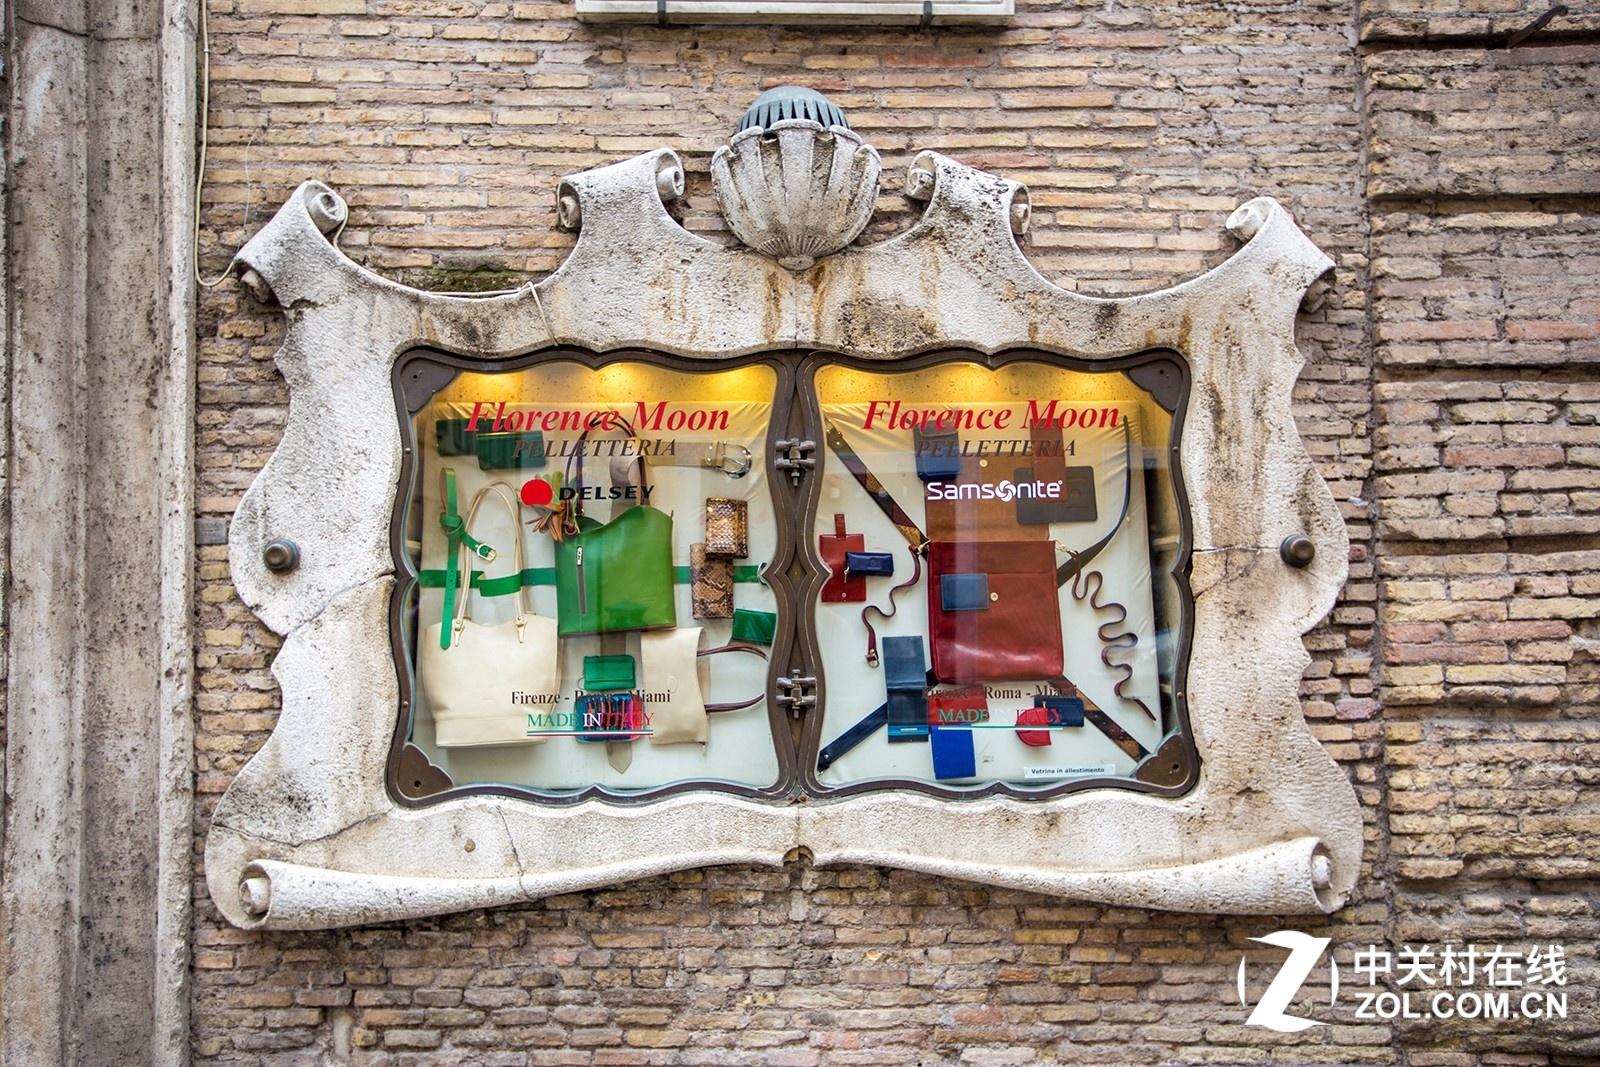 大C游世界 意大利人民广场的街